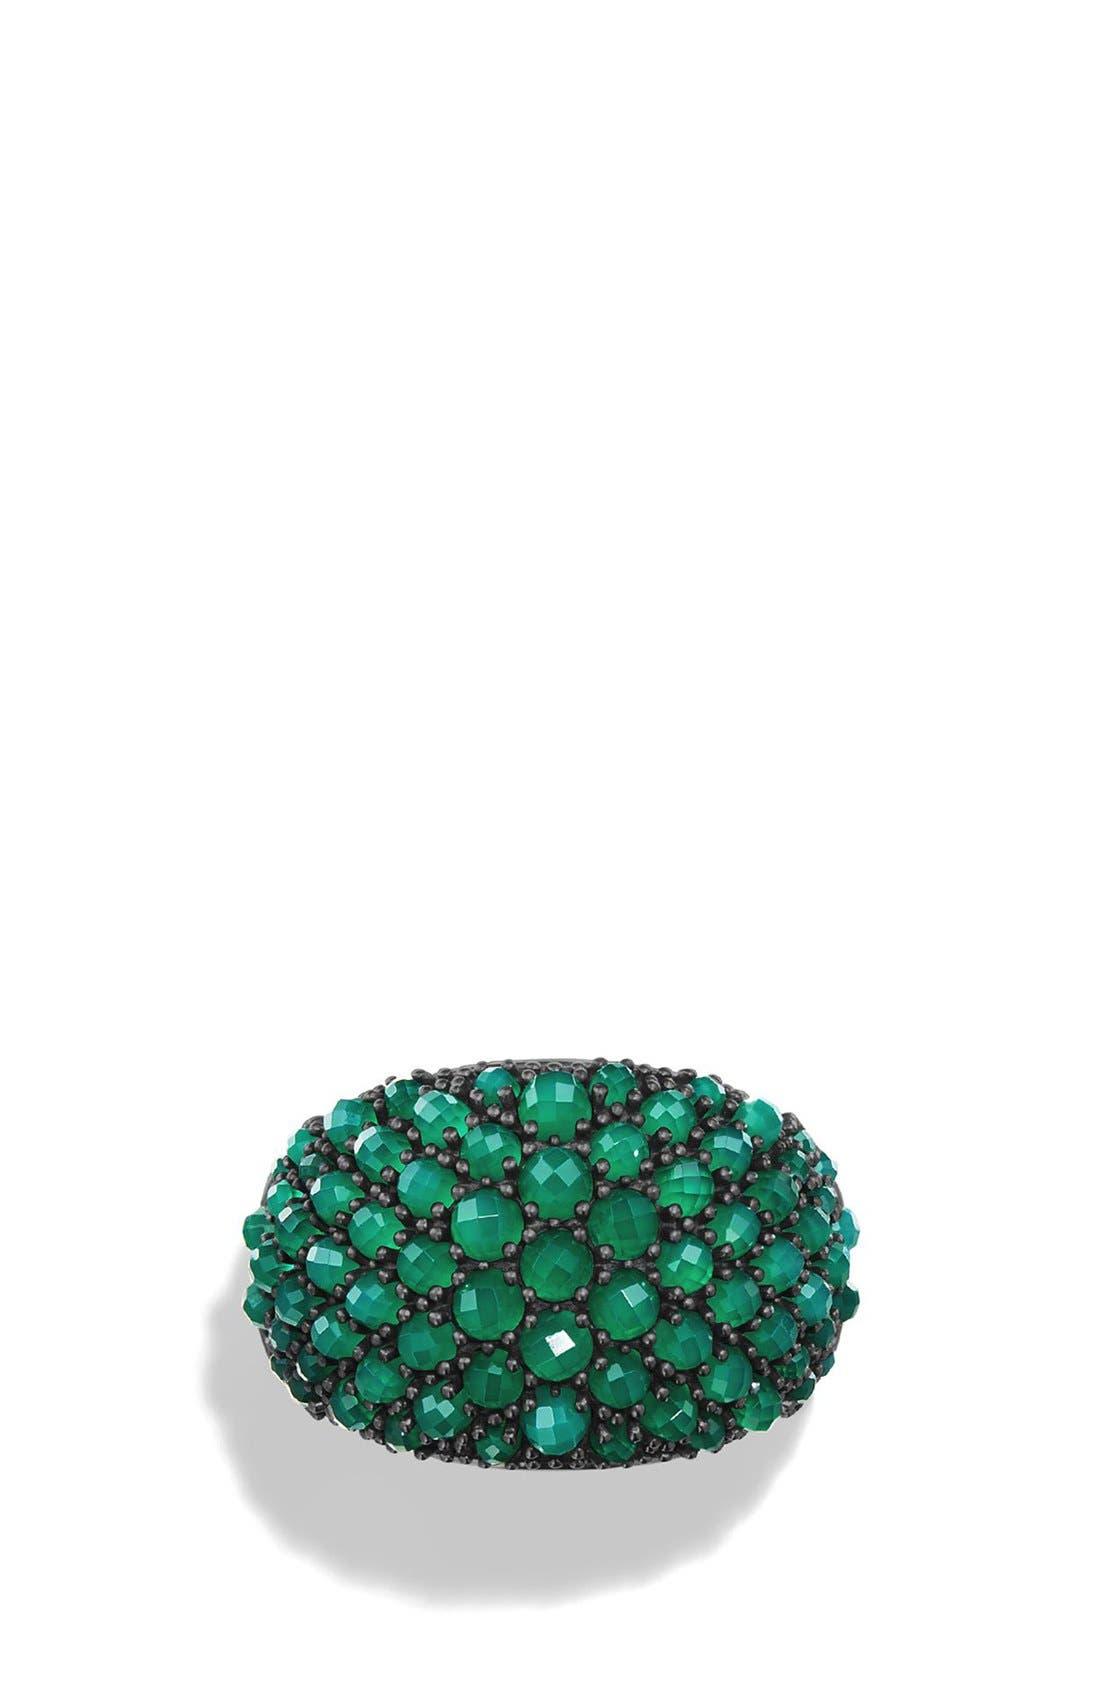 DAVID YURMAN,                             Cable Berries Dome Ring,                             Main thumbnail 1, color,                             300